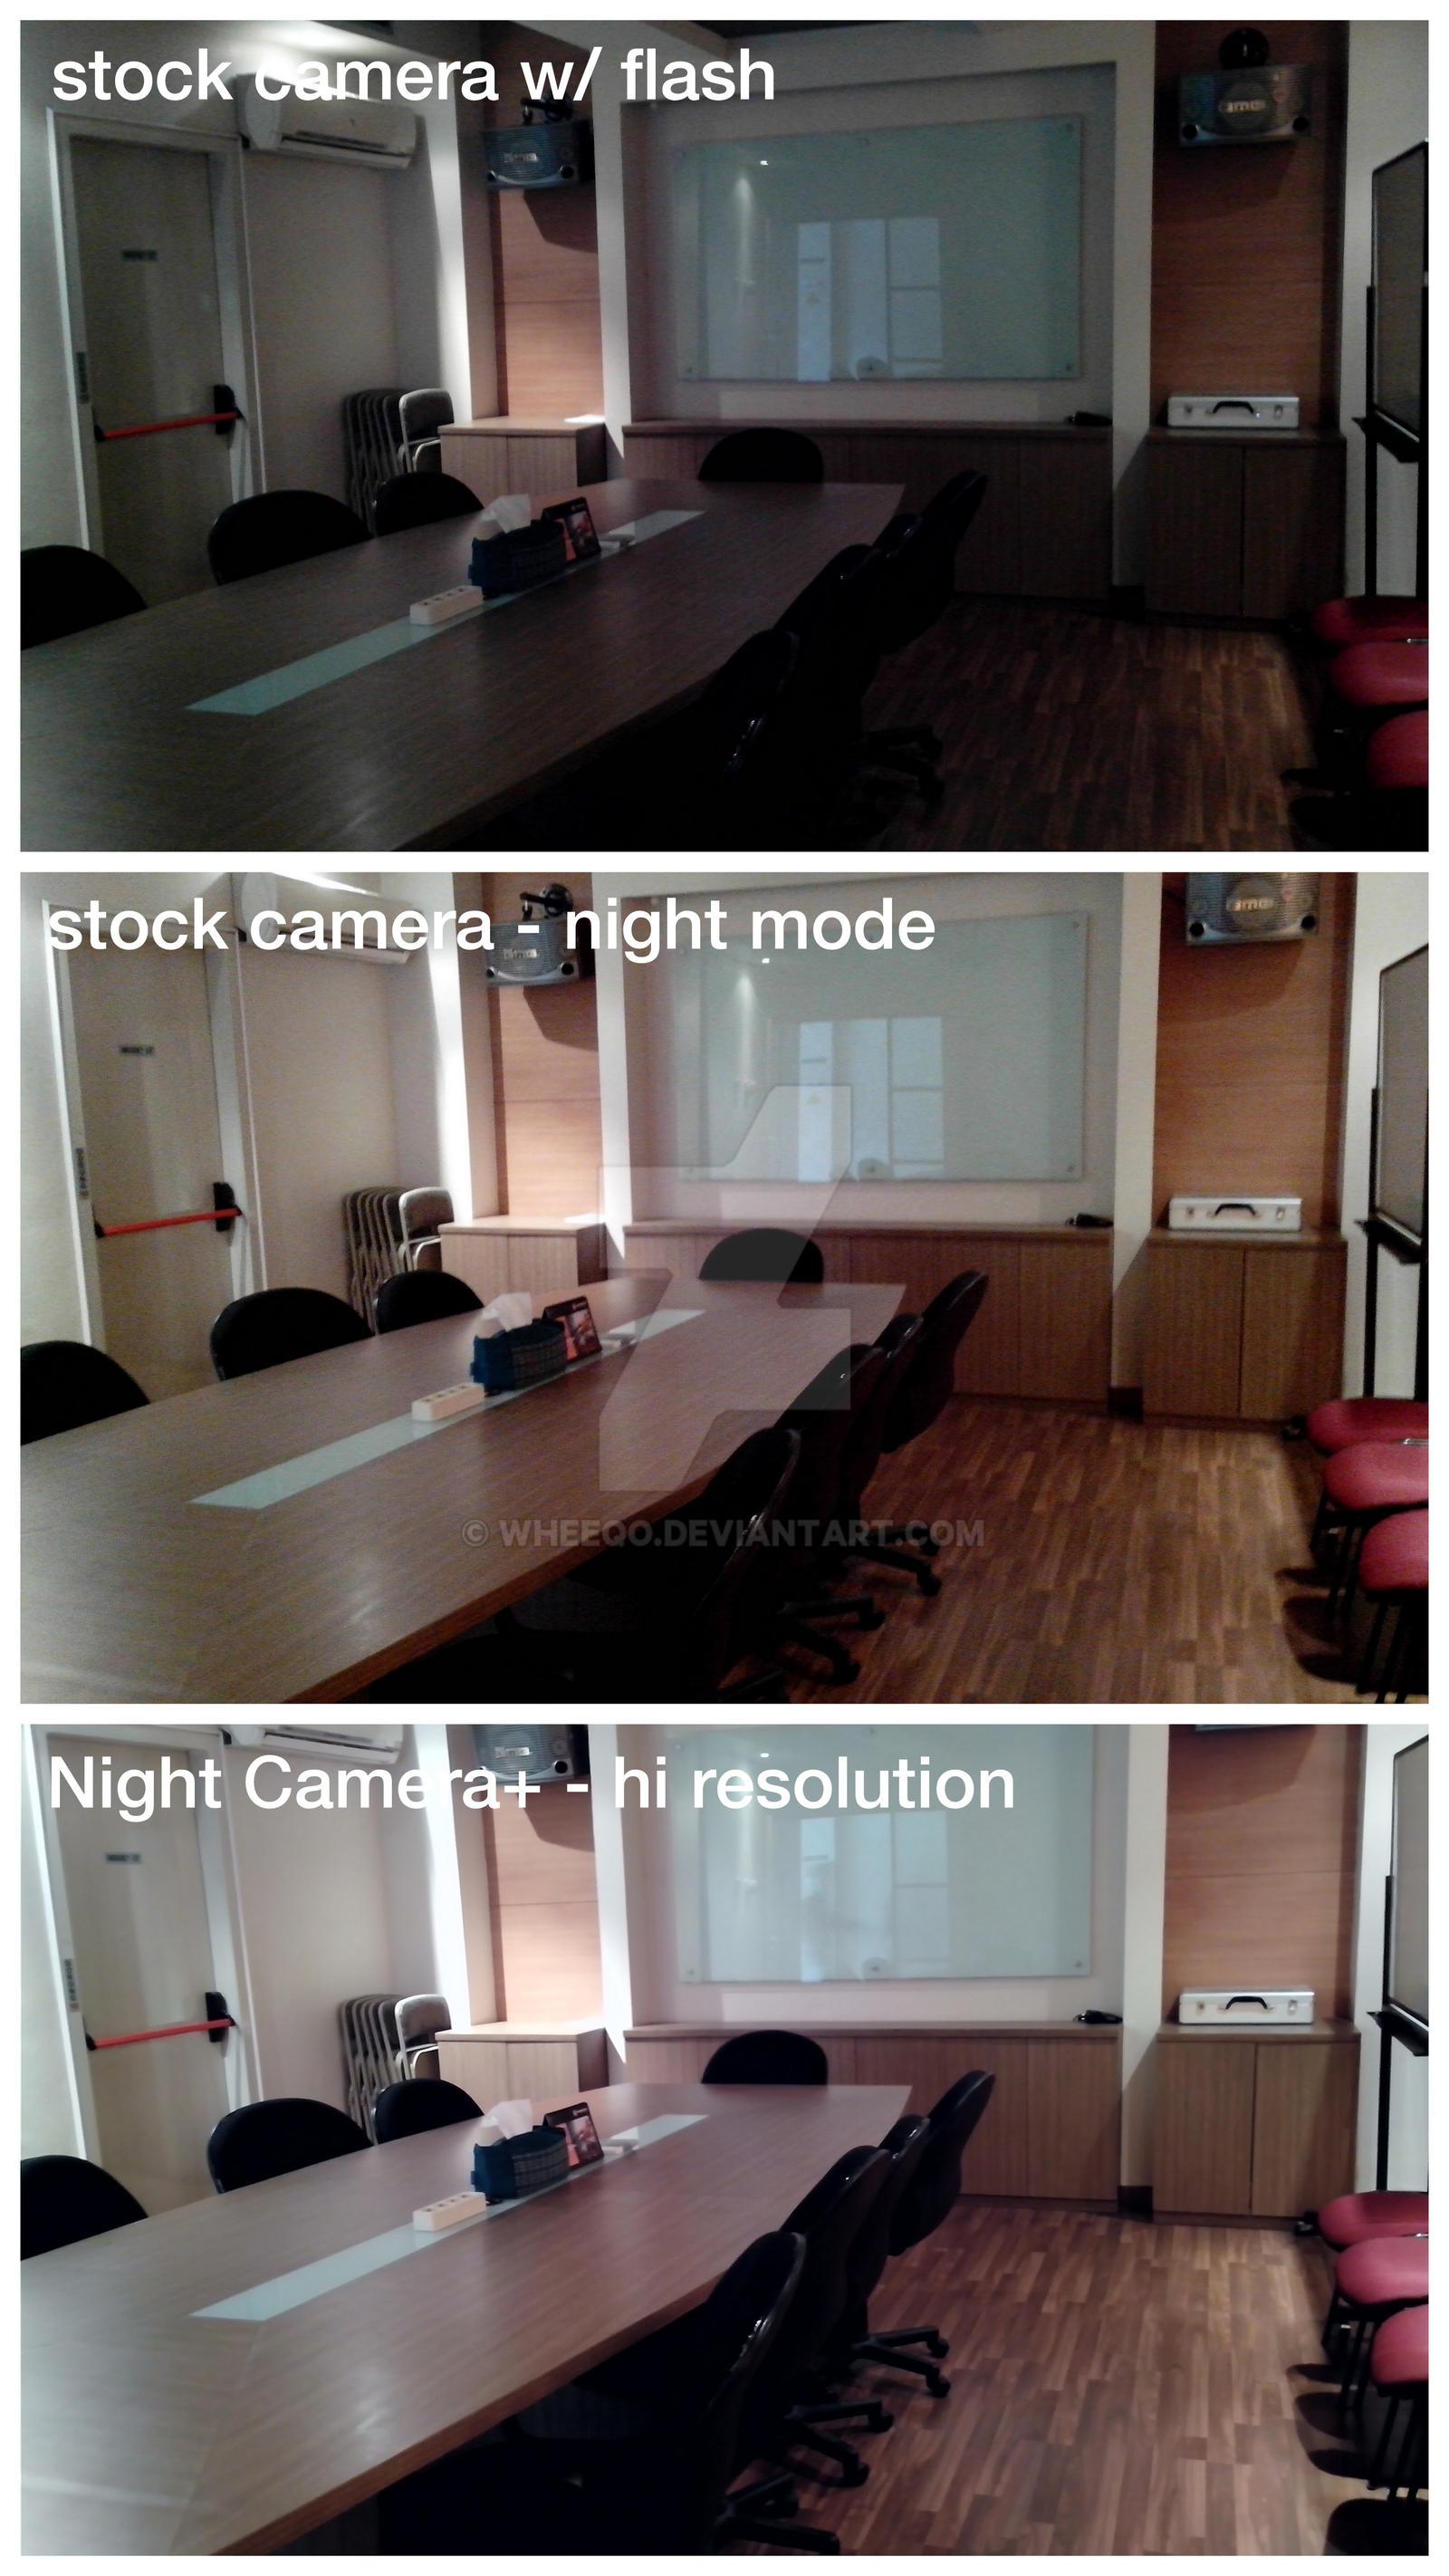 Android Photo Comparison Stock vs Night Camera+ by wheeqo